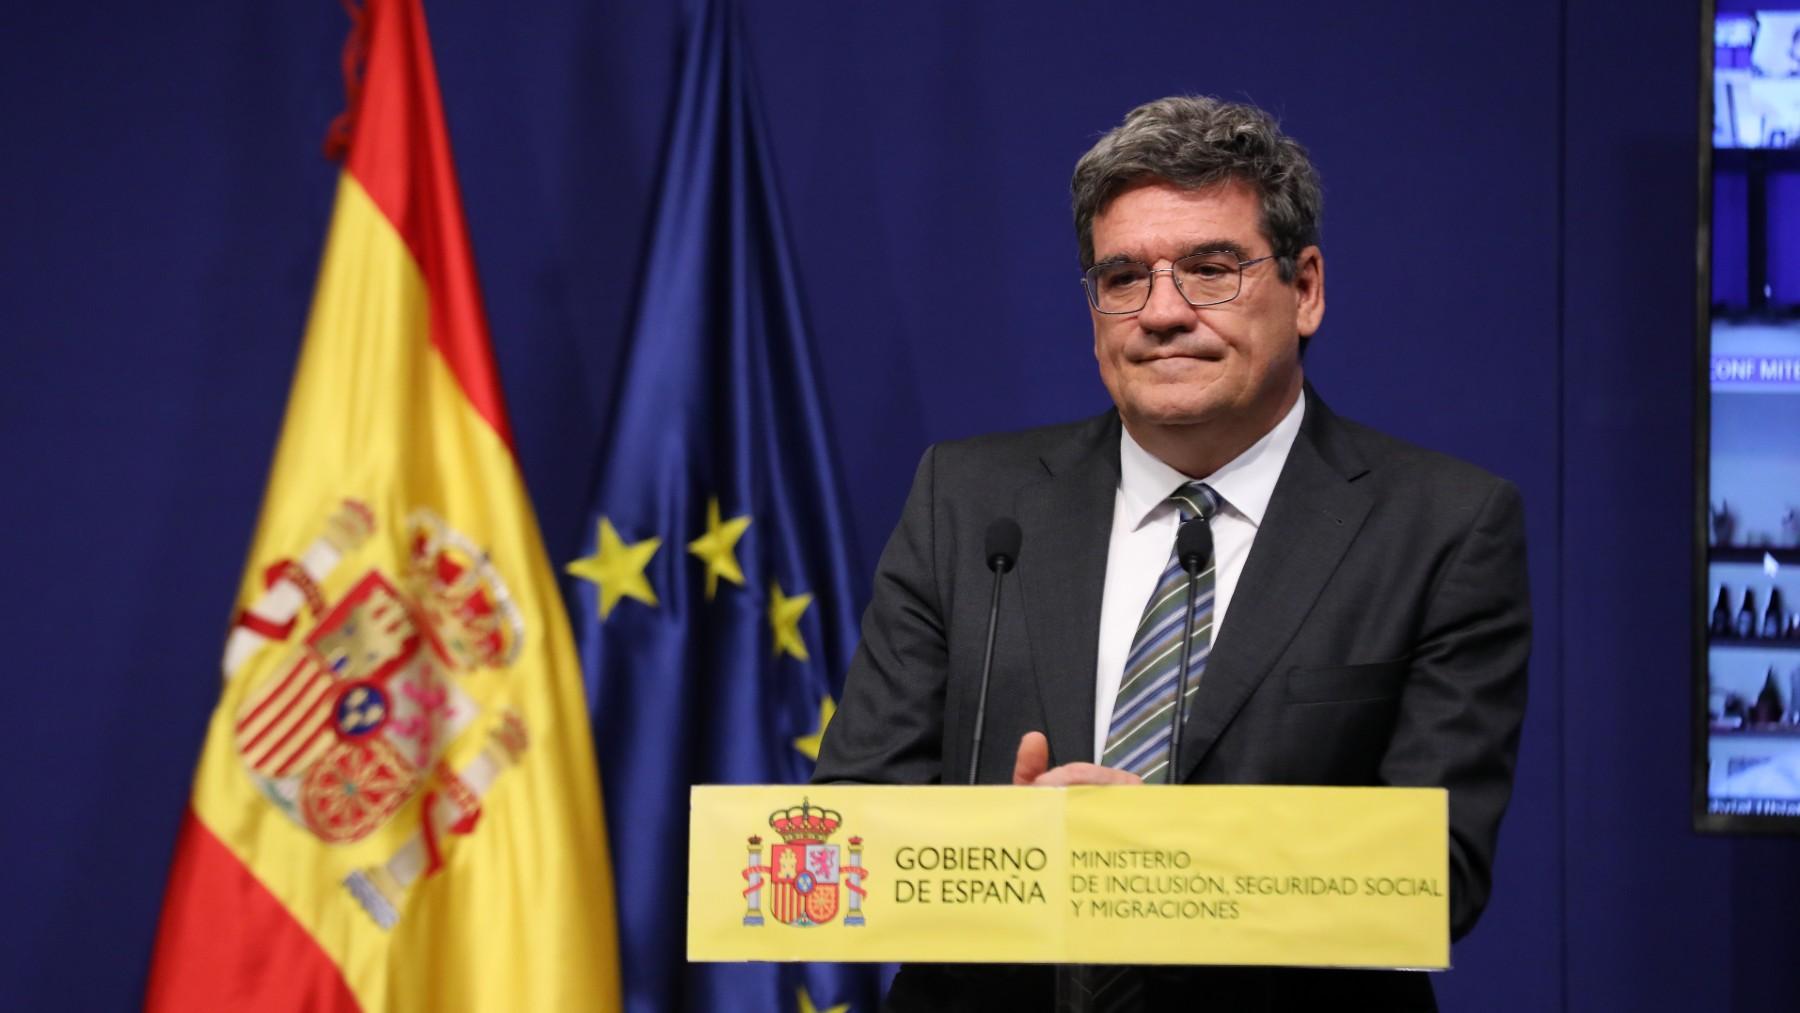 El ministro de Inclusión y Seguridad Social, José Luis Escrivá. (Foto: Europa Press)